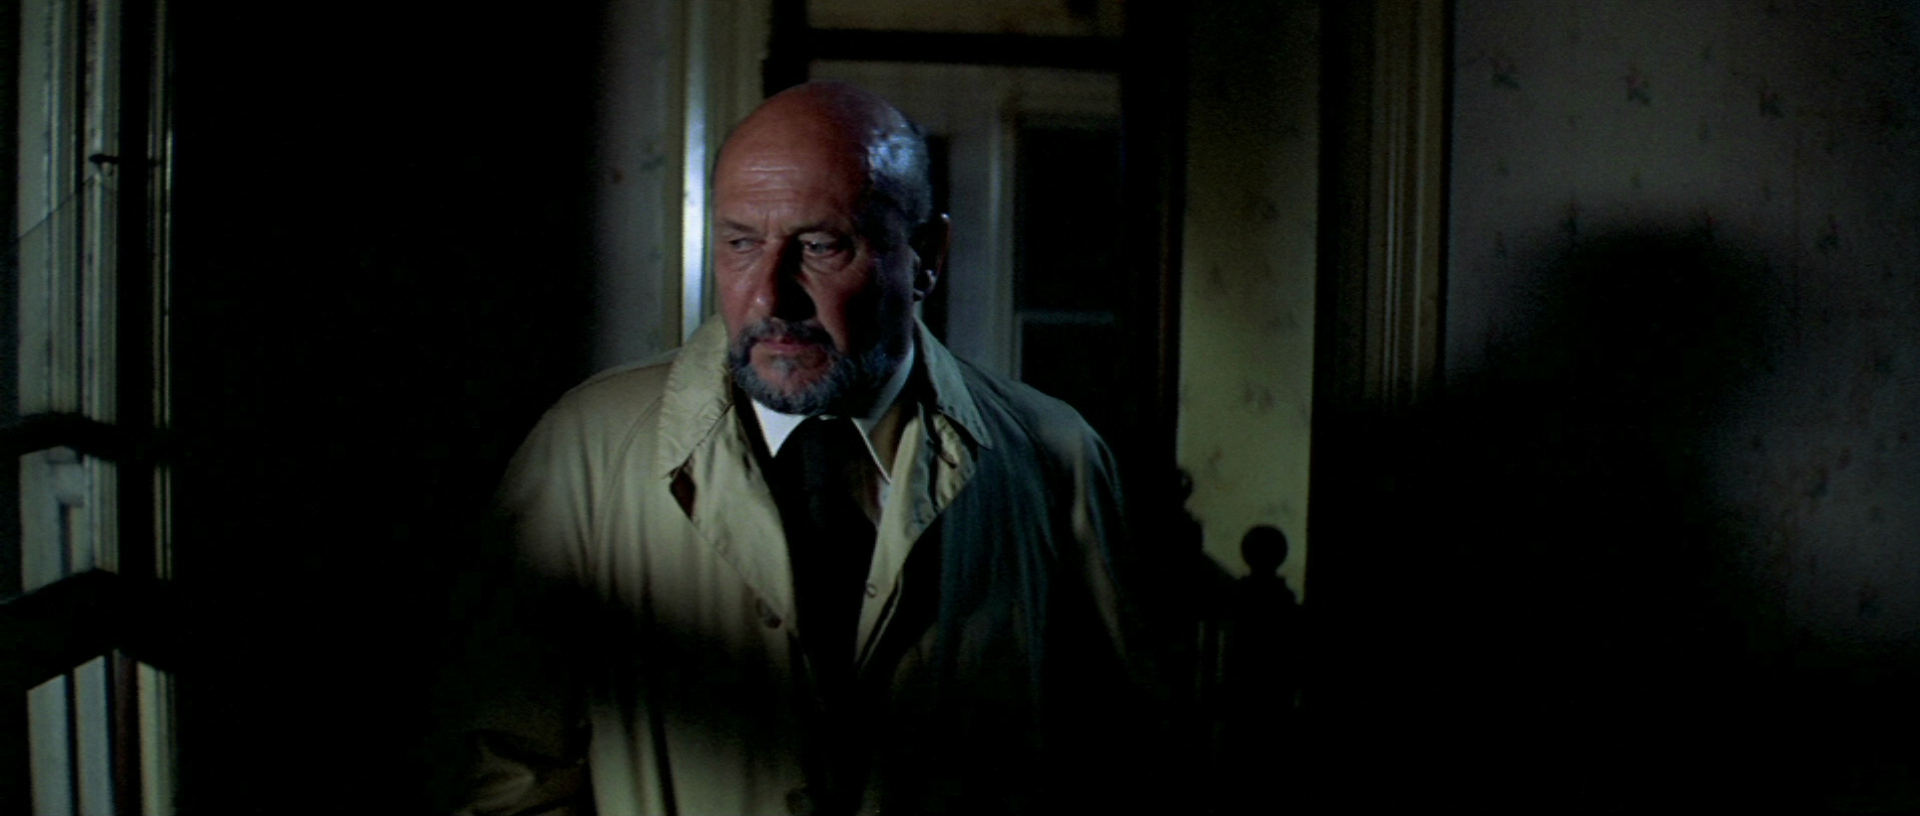 El Dr. Samuel Loomis